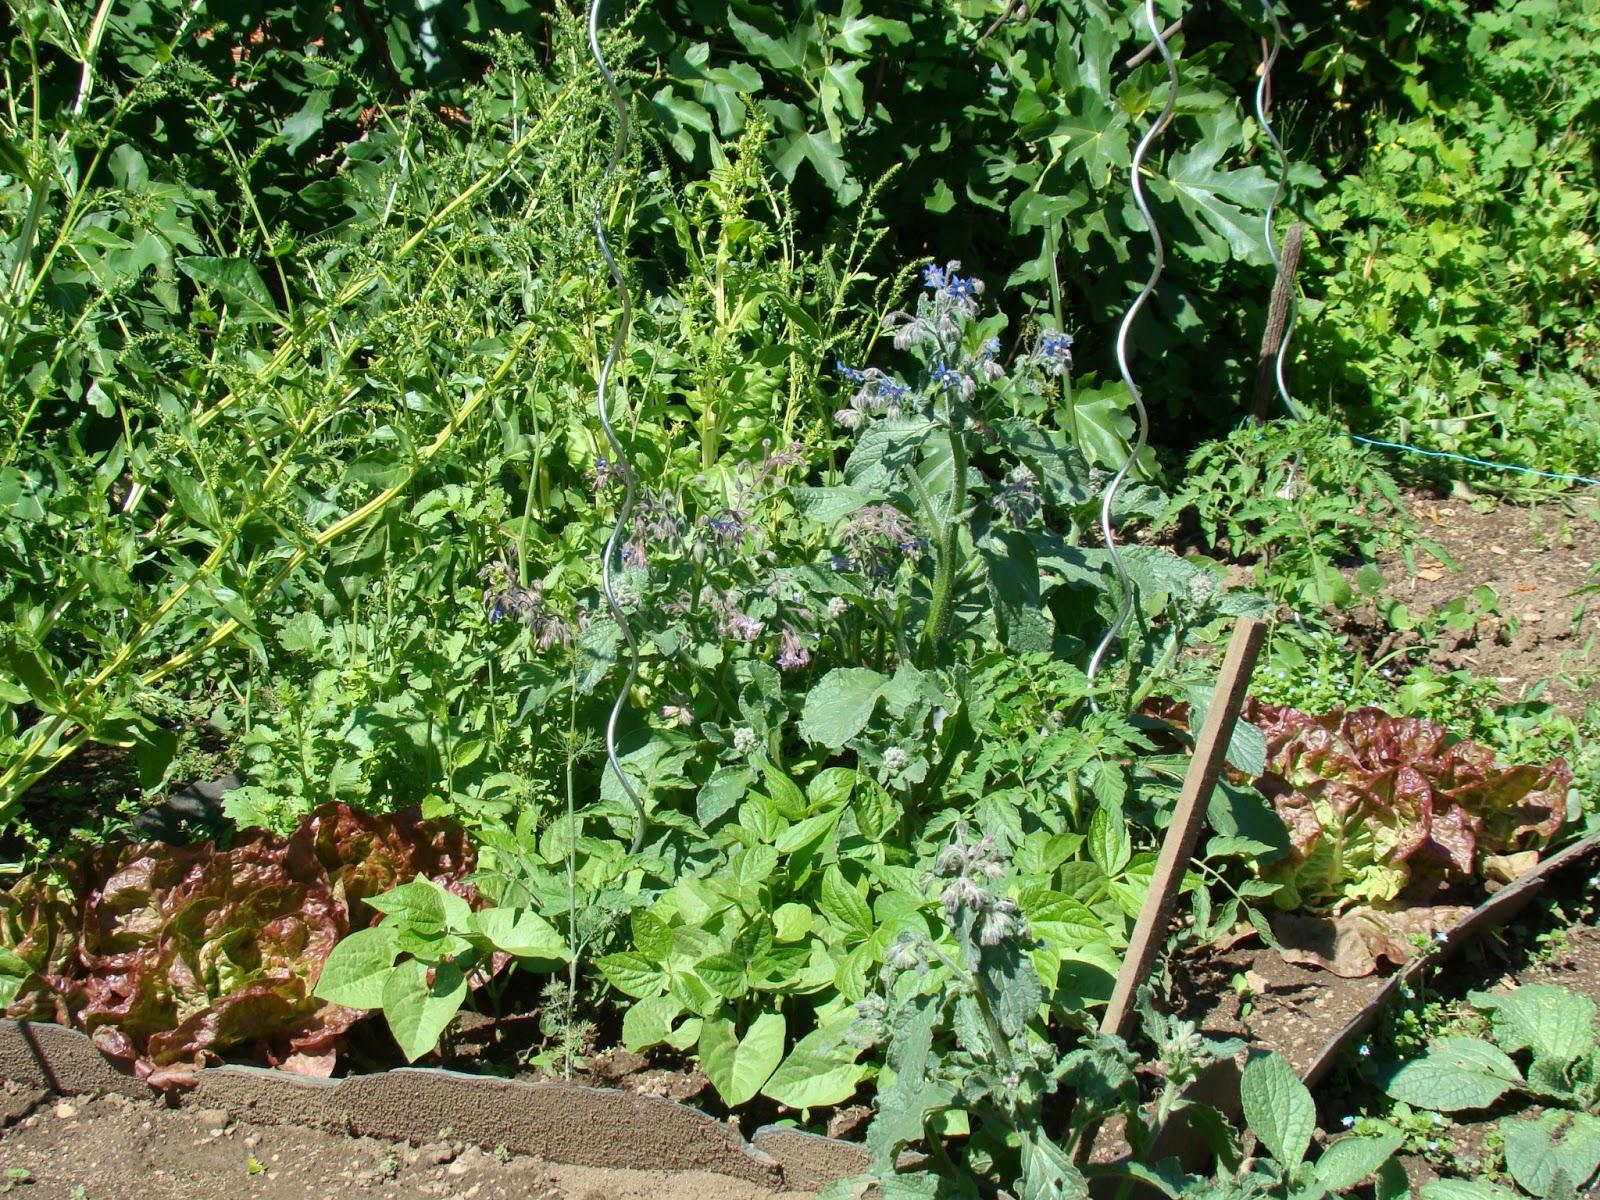 Le jardin de catherine janvier 2013 - Bettes au jardin ...